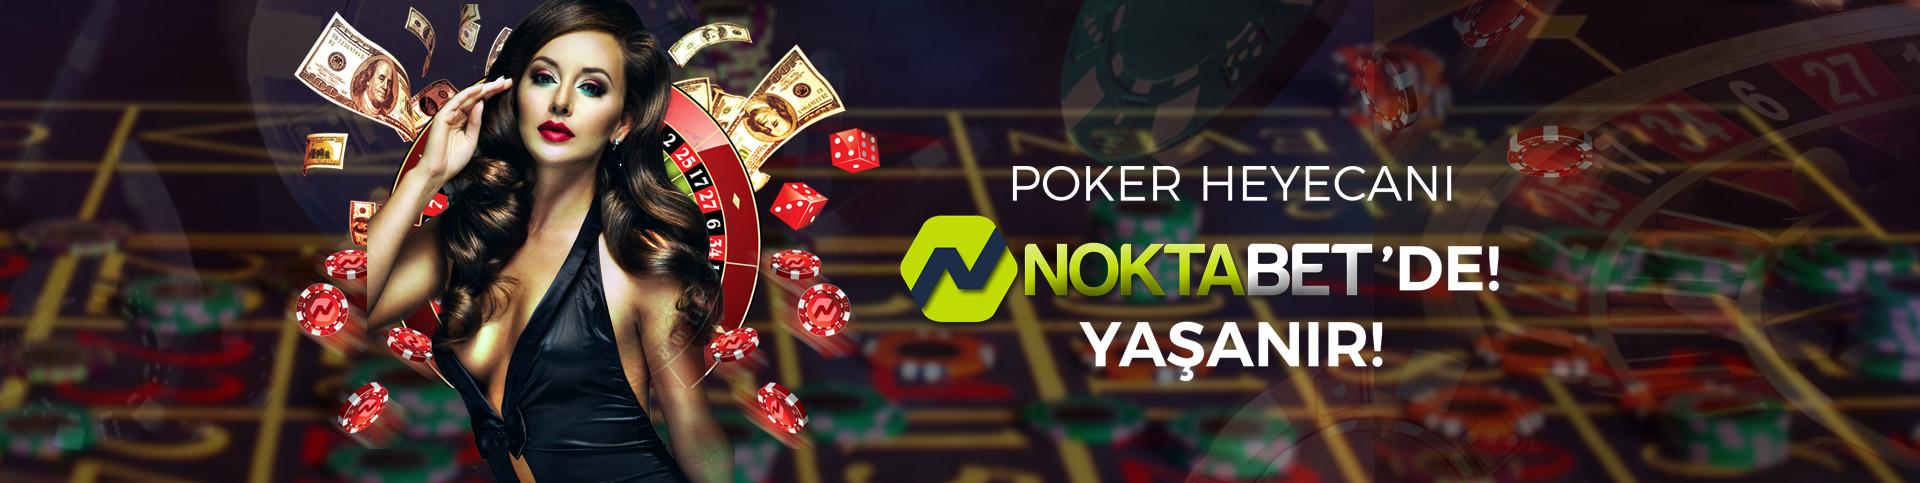 Noktabet- Poker Heyecanı